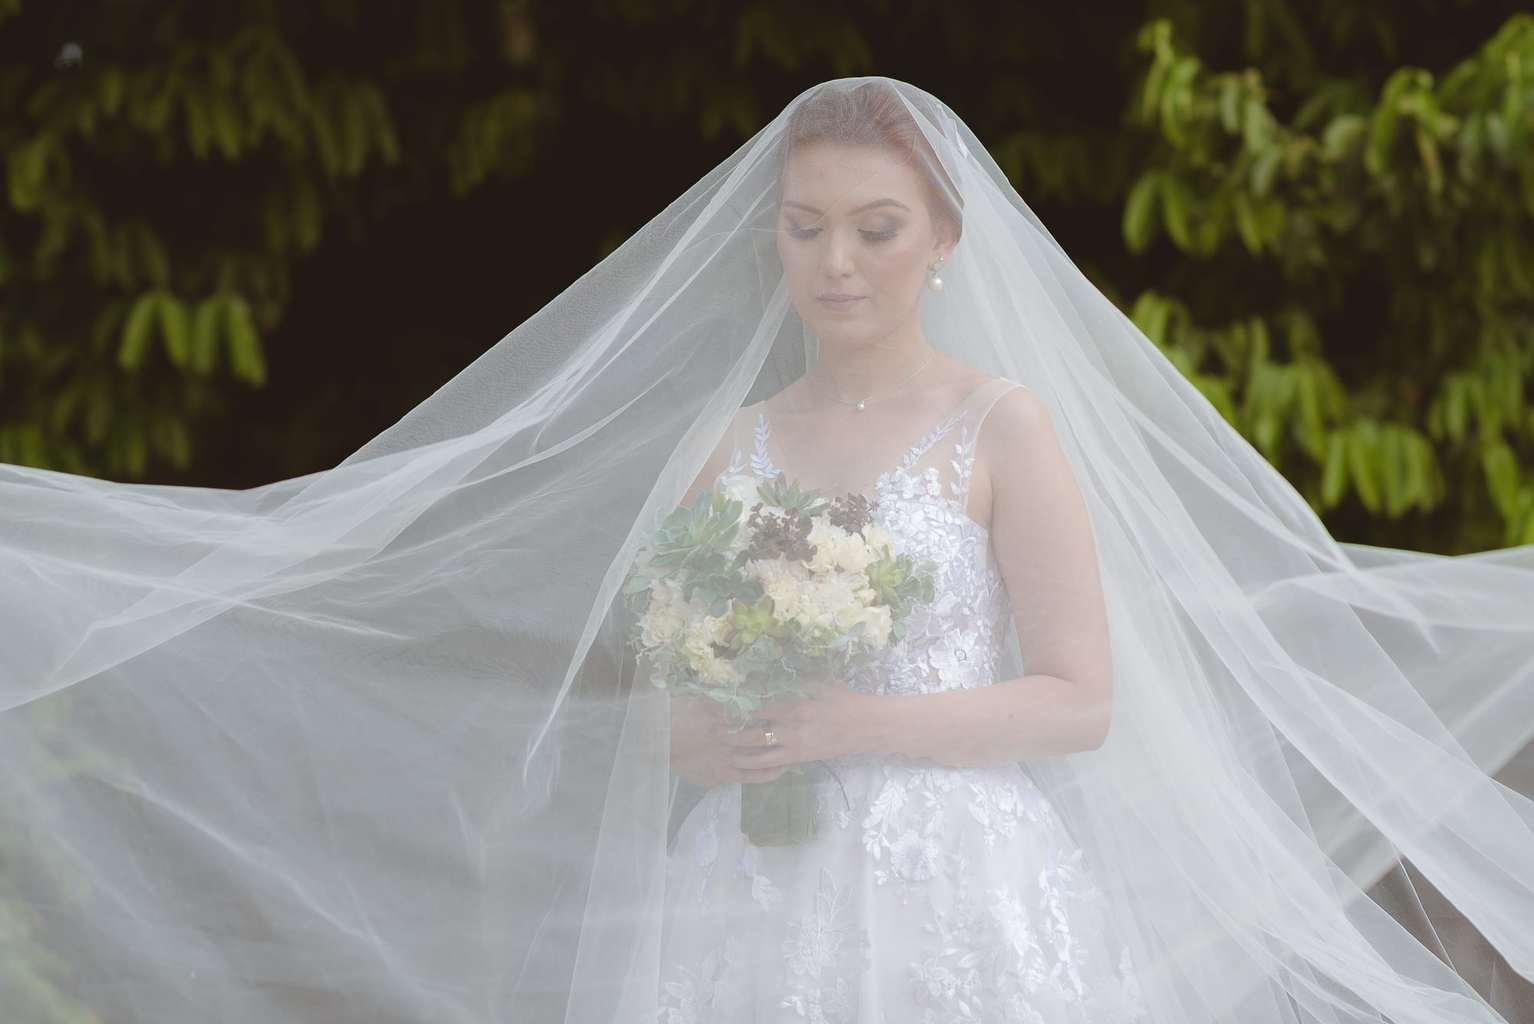 casamento-ao-ar-livre-casamento-boho-casamento-geek-casamento-rustico-casamento-Thais-e-Pedro-noiva-noivos-Revoar-Fotografia-Villa-Borghese-Eventos-45